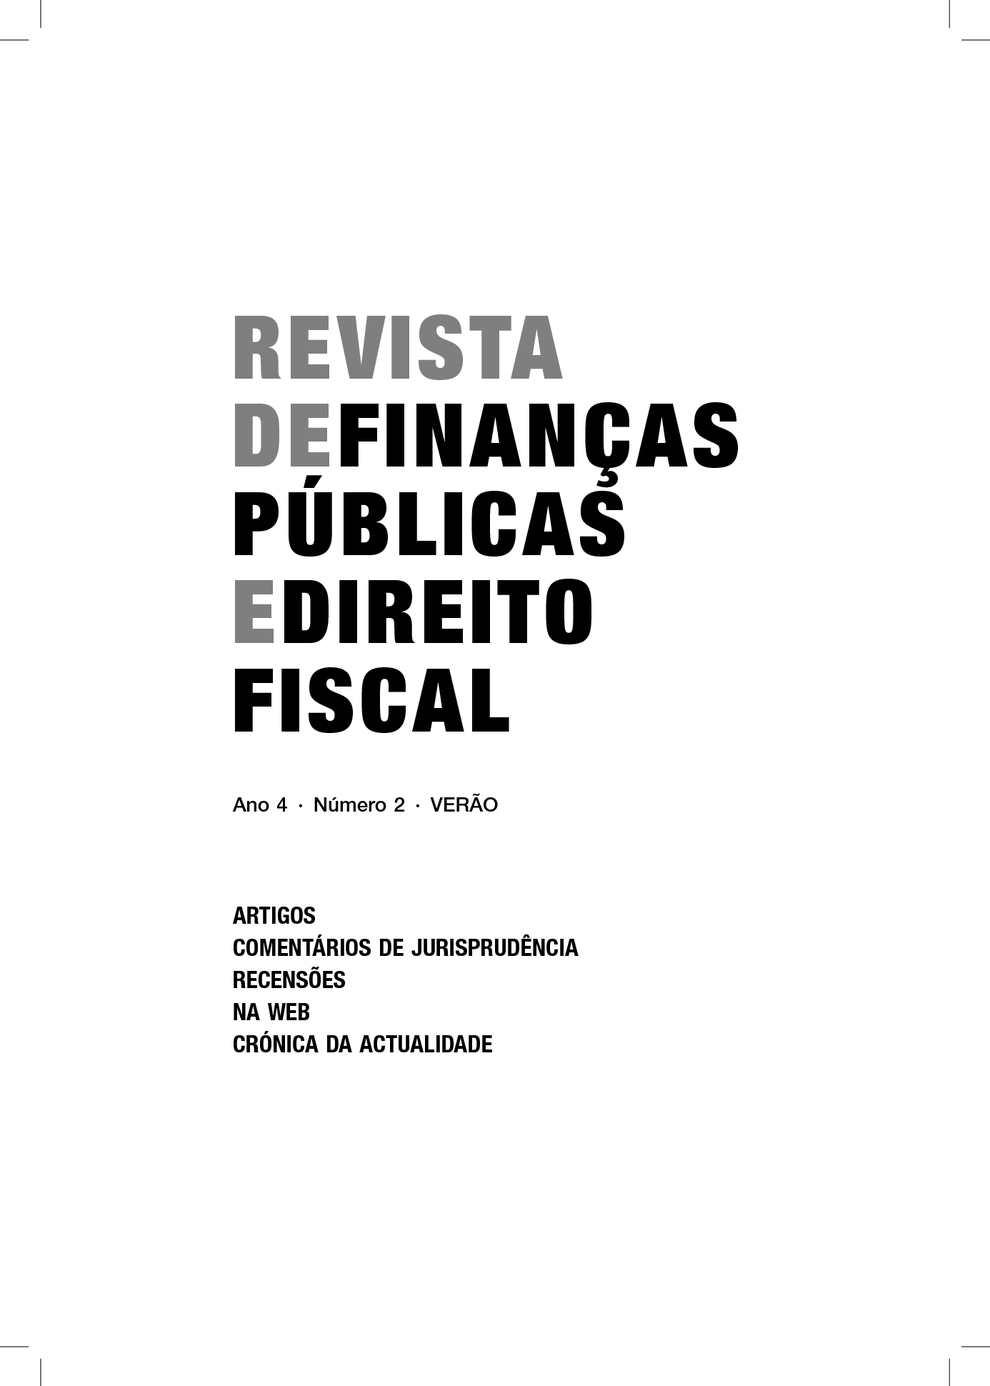 Calamo revista de finanas pblicas e direito fiscal fandeluxe Gallery